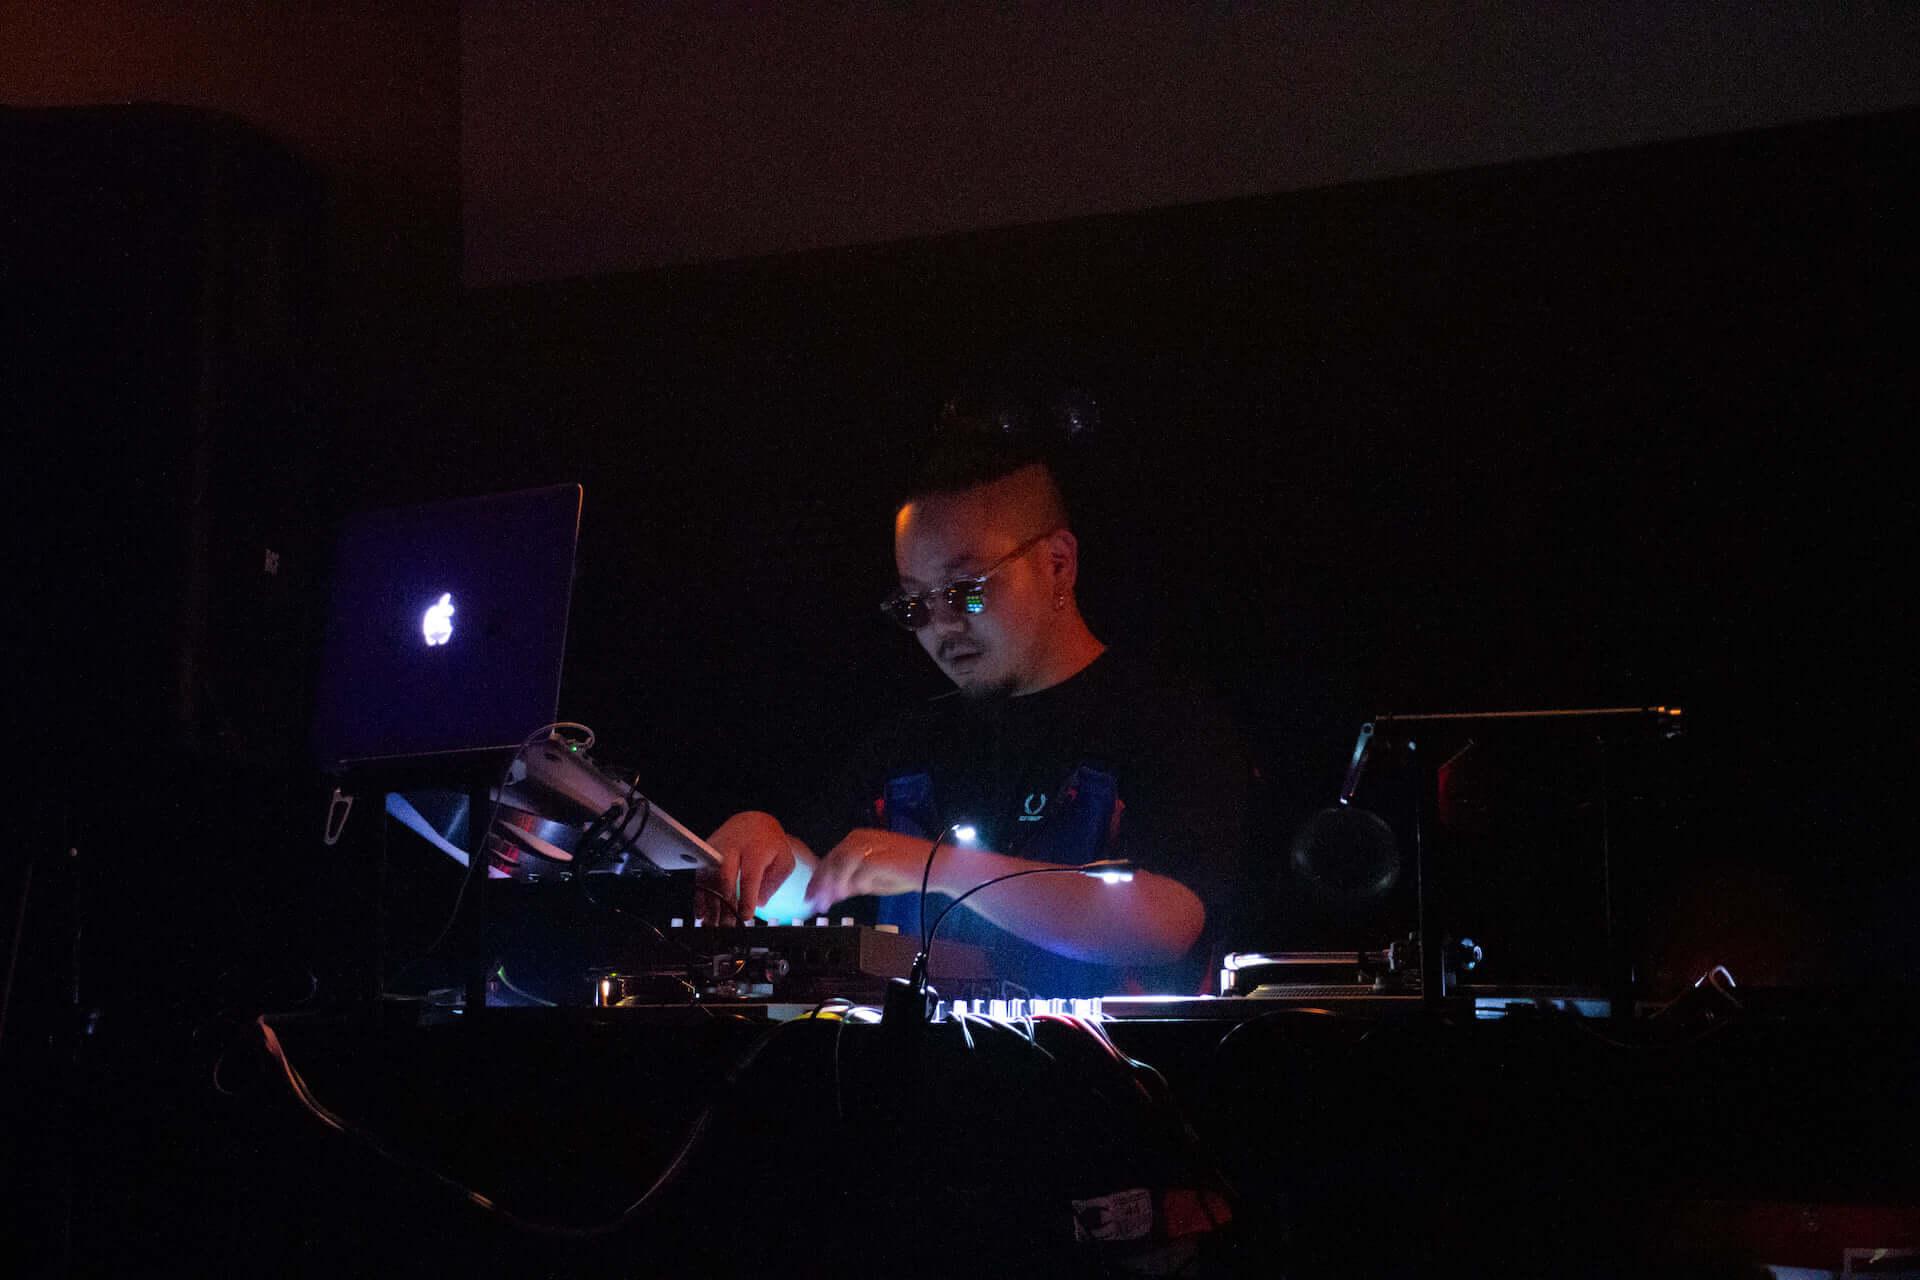 【レポート】BUPPON&¥ellow Bucksダブルリリースパーティー<Bla9 Marke2>で見えたヒップホップ・シーンの胎動 music190805_bla9marke2_18.jpg-1920x1280